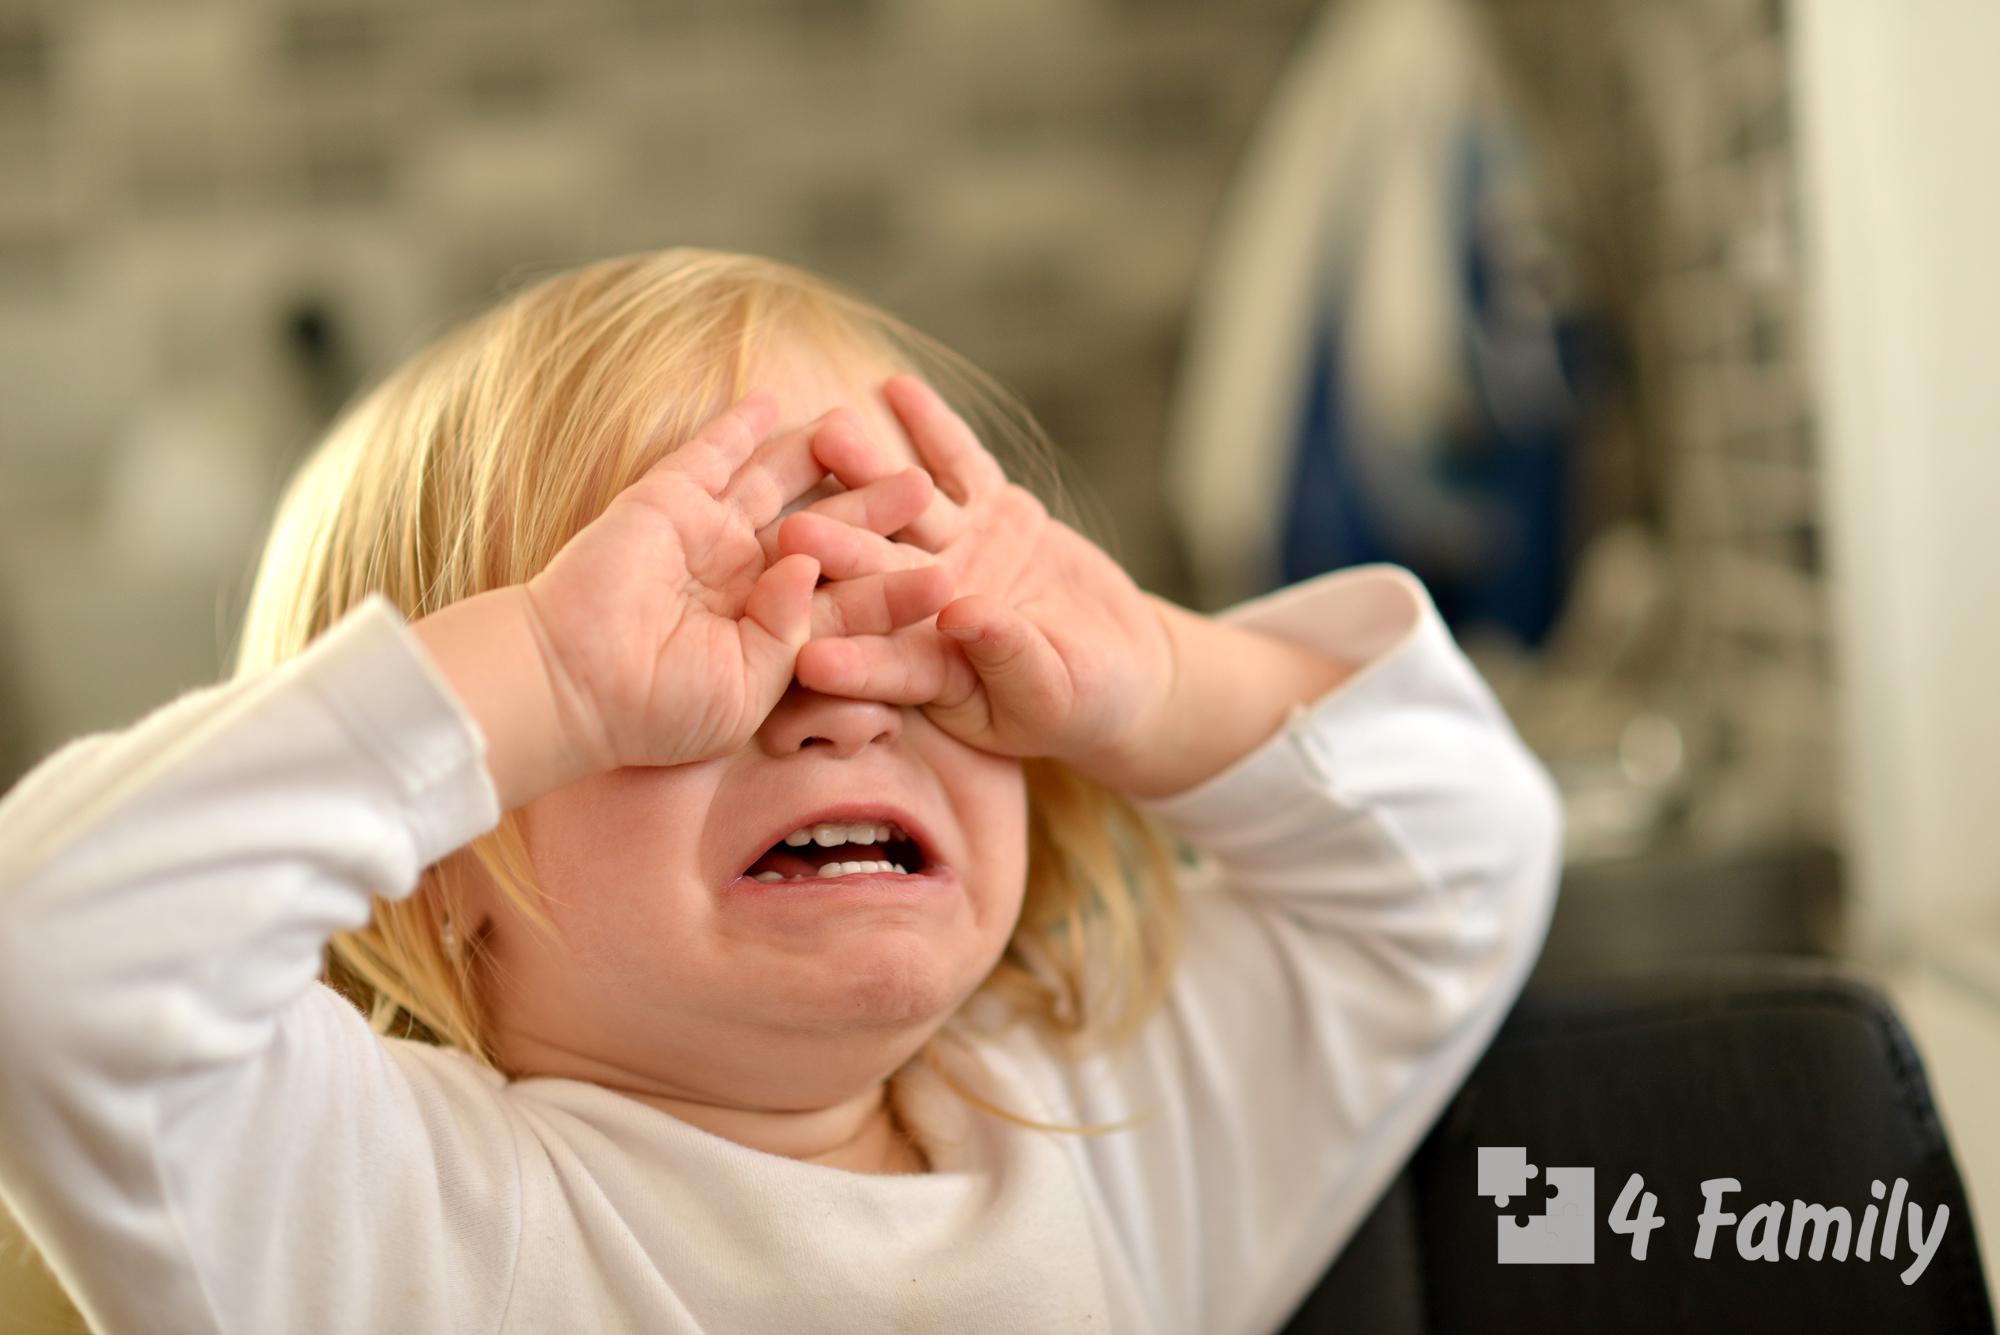 4family Почему нельзя кричать на ребенка